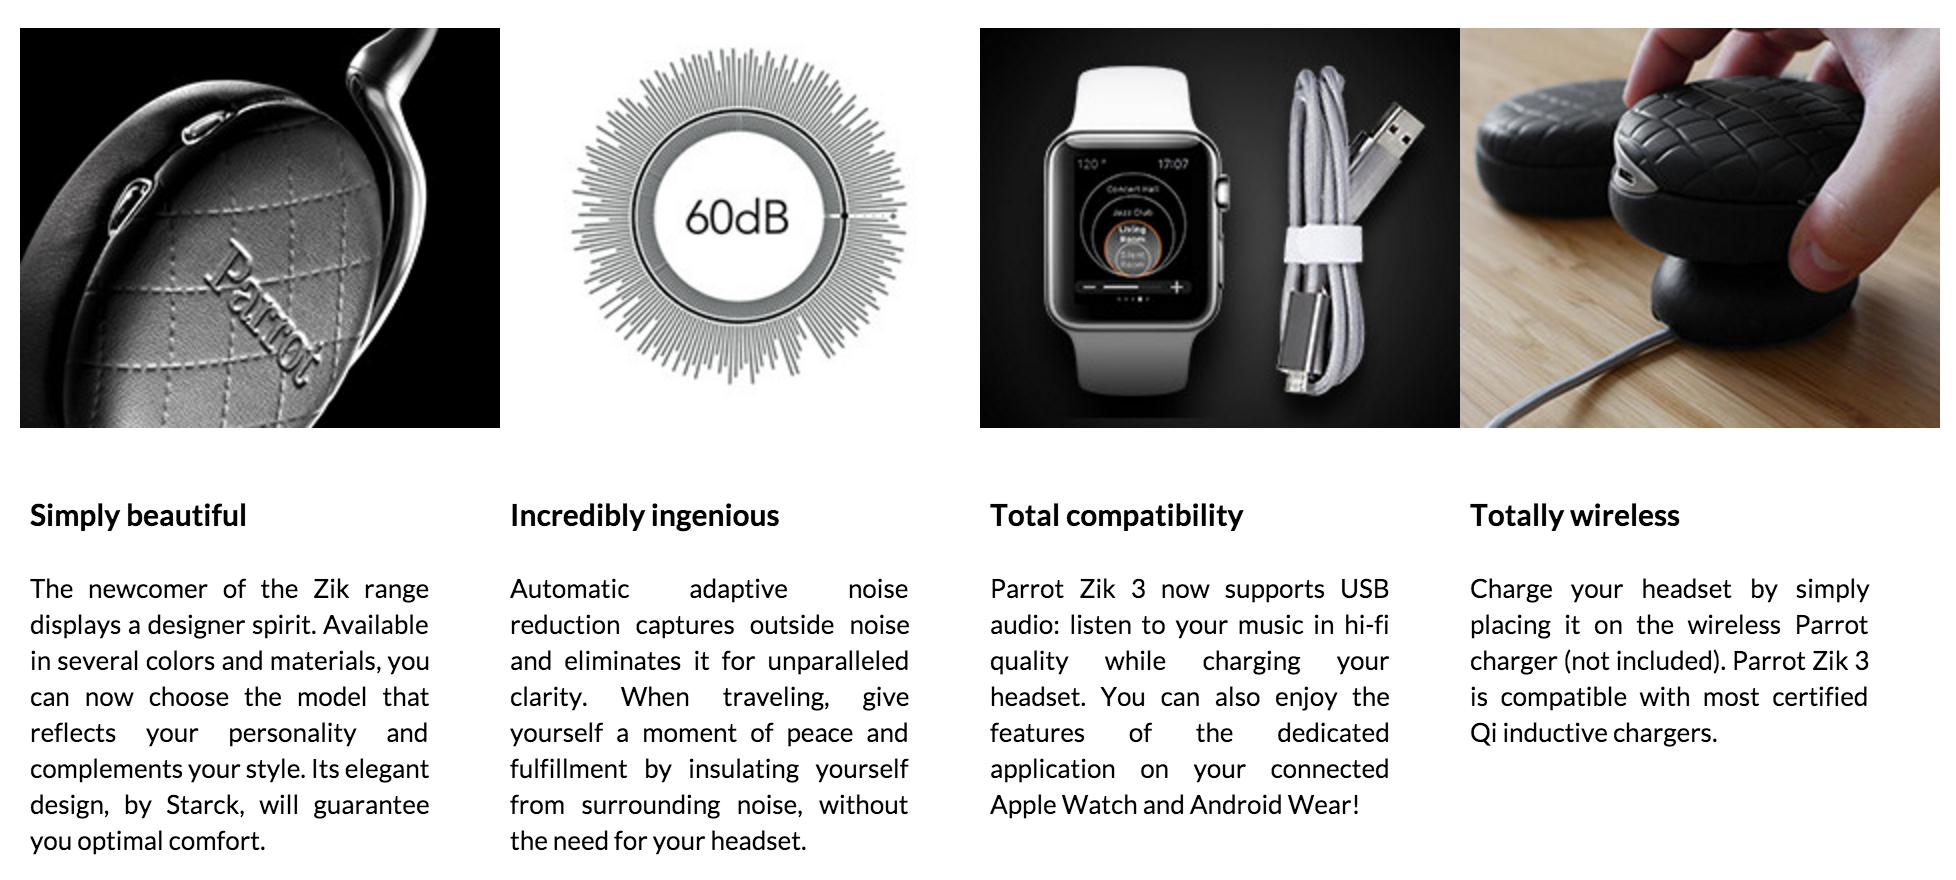 公式サイトでの説明文。要はかっこよくて、ノイズキャンセリングもインテリジェントで、USBでHiResもいけて、さらに無線充電もできる、ということ!